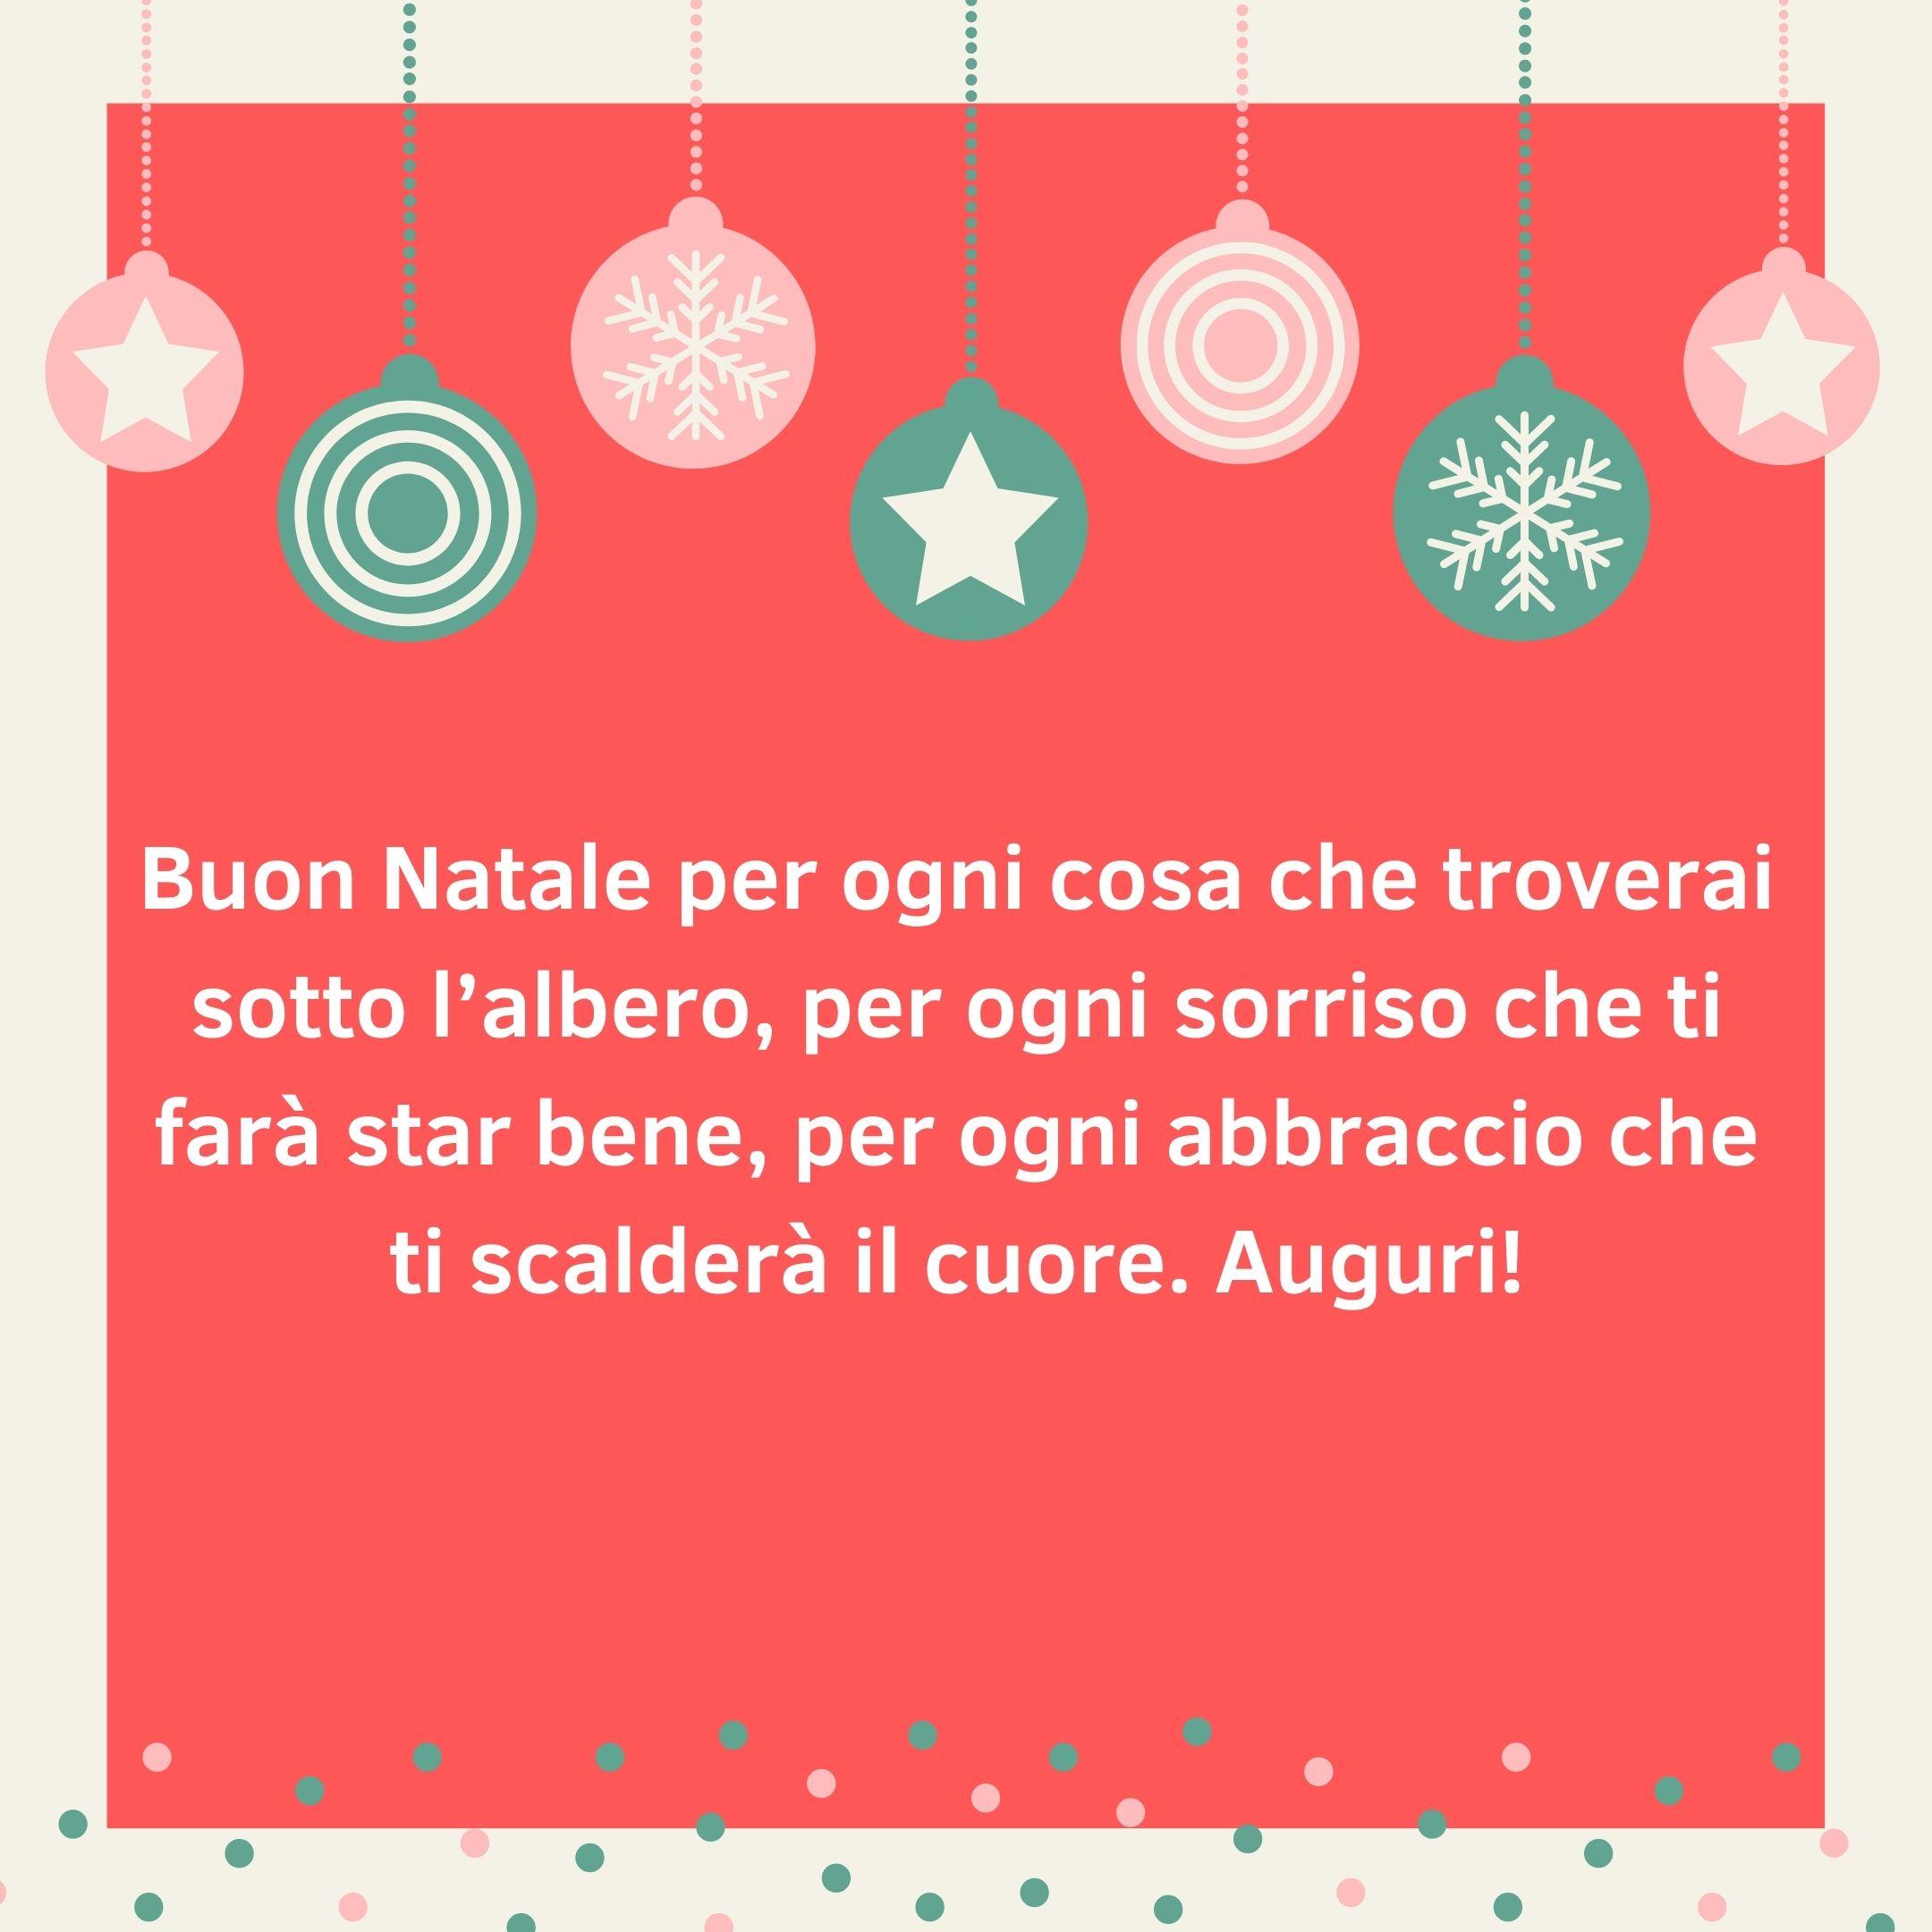 Frasi Carine Per Natale.Auguri Natale Frasi E Immagini Per Augurare Buone Feste 2020 Ad Amici E Parenti